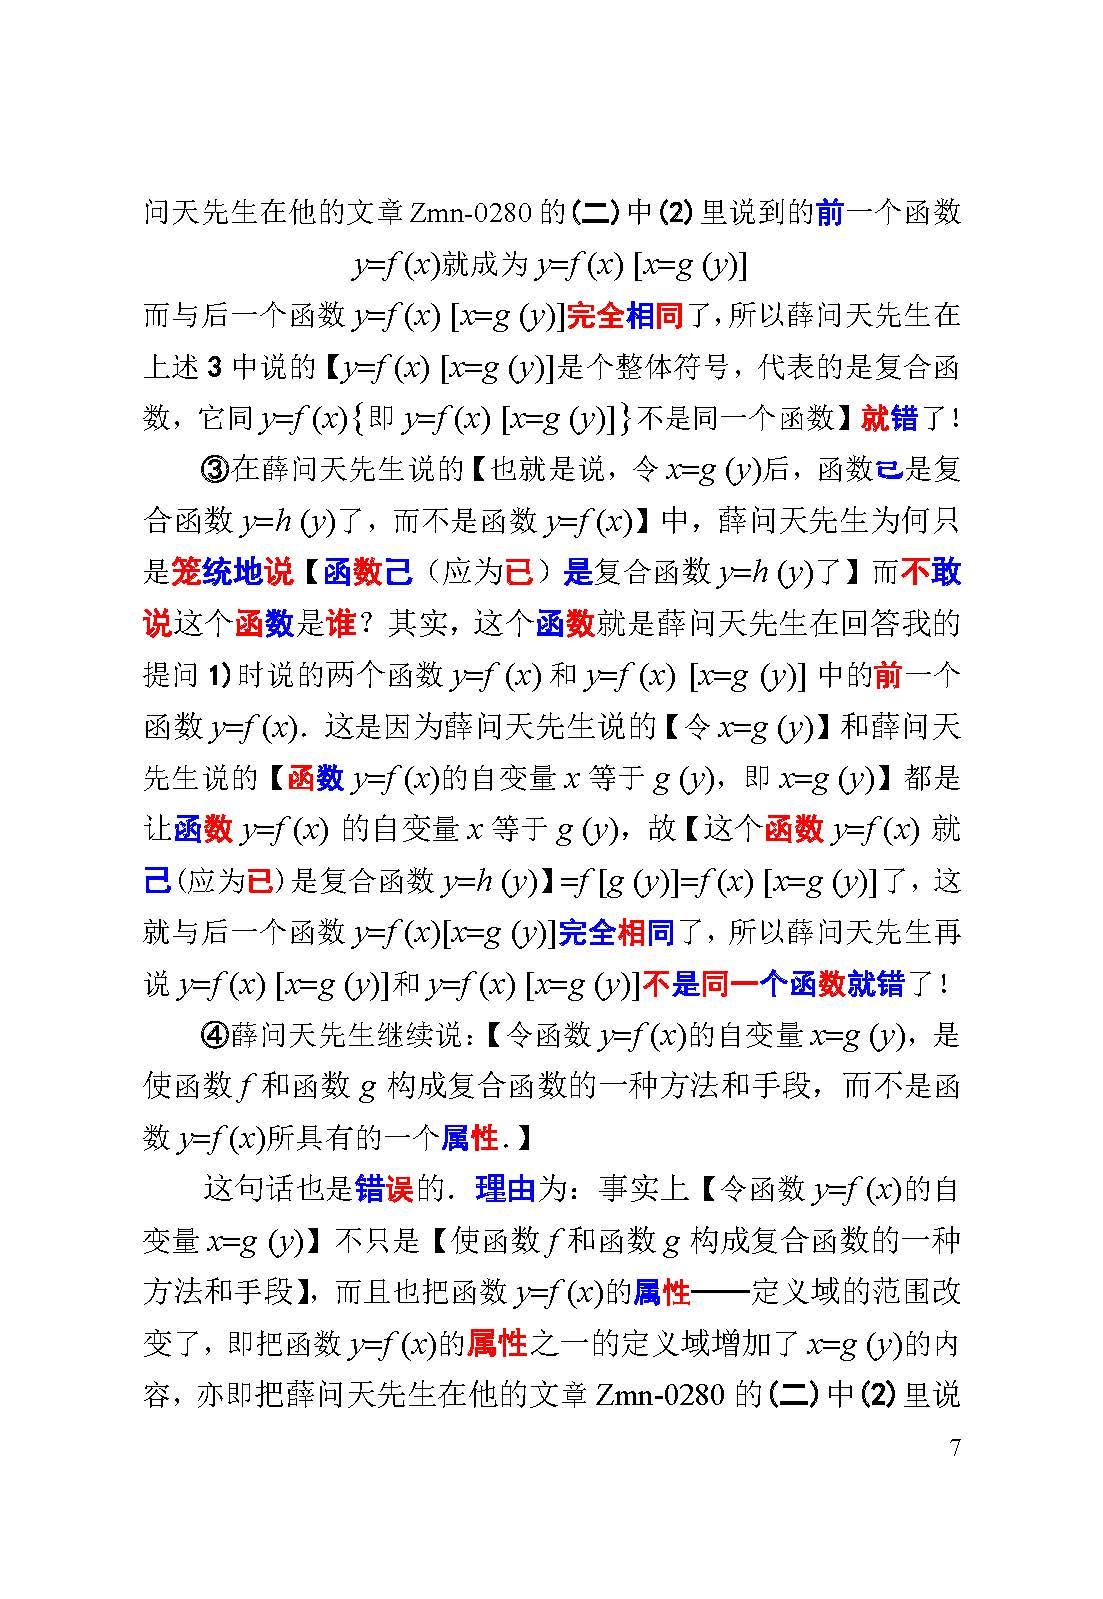 评薛问天先生的文章0366_页面_07.jpg